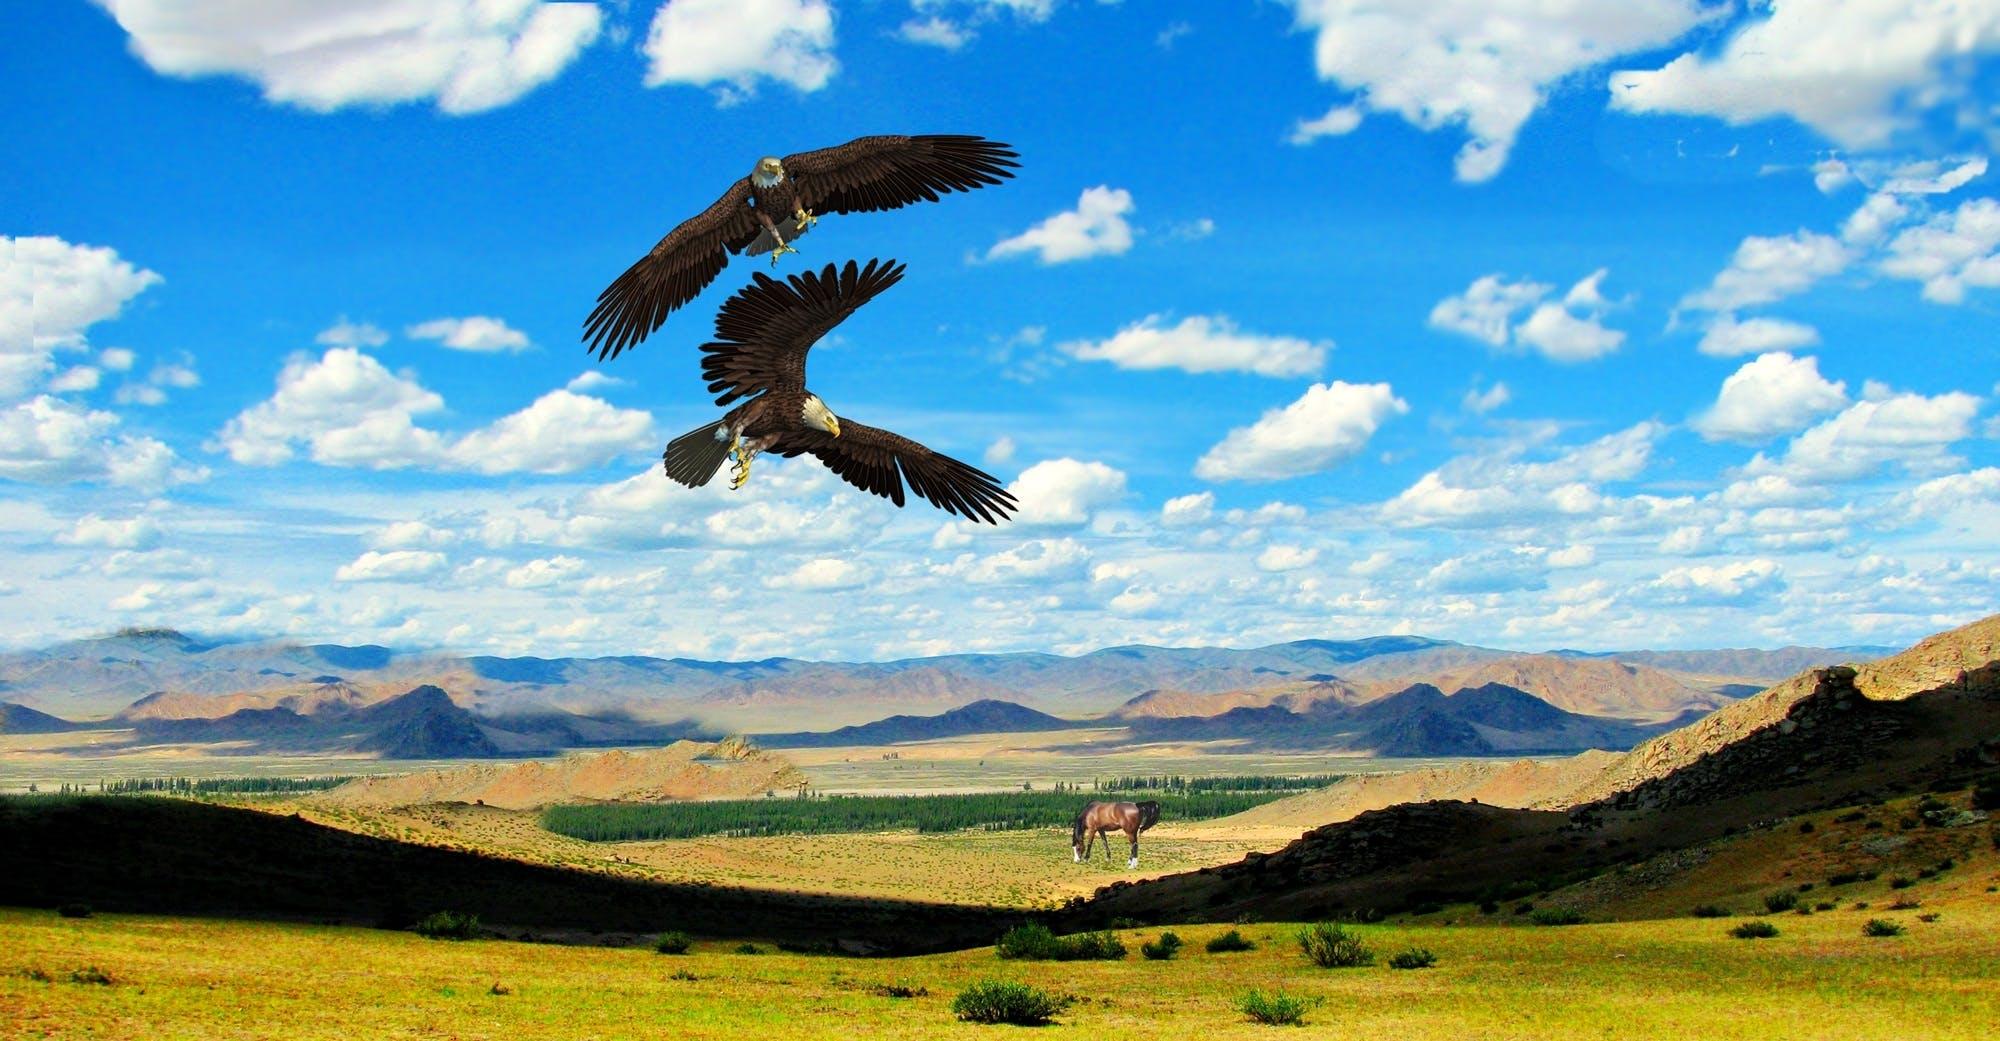 aves, águias, cavalo